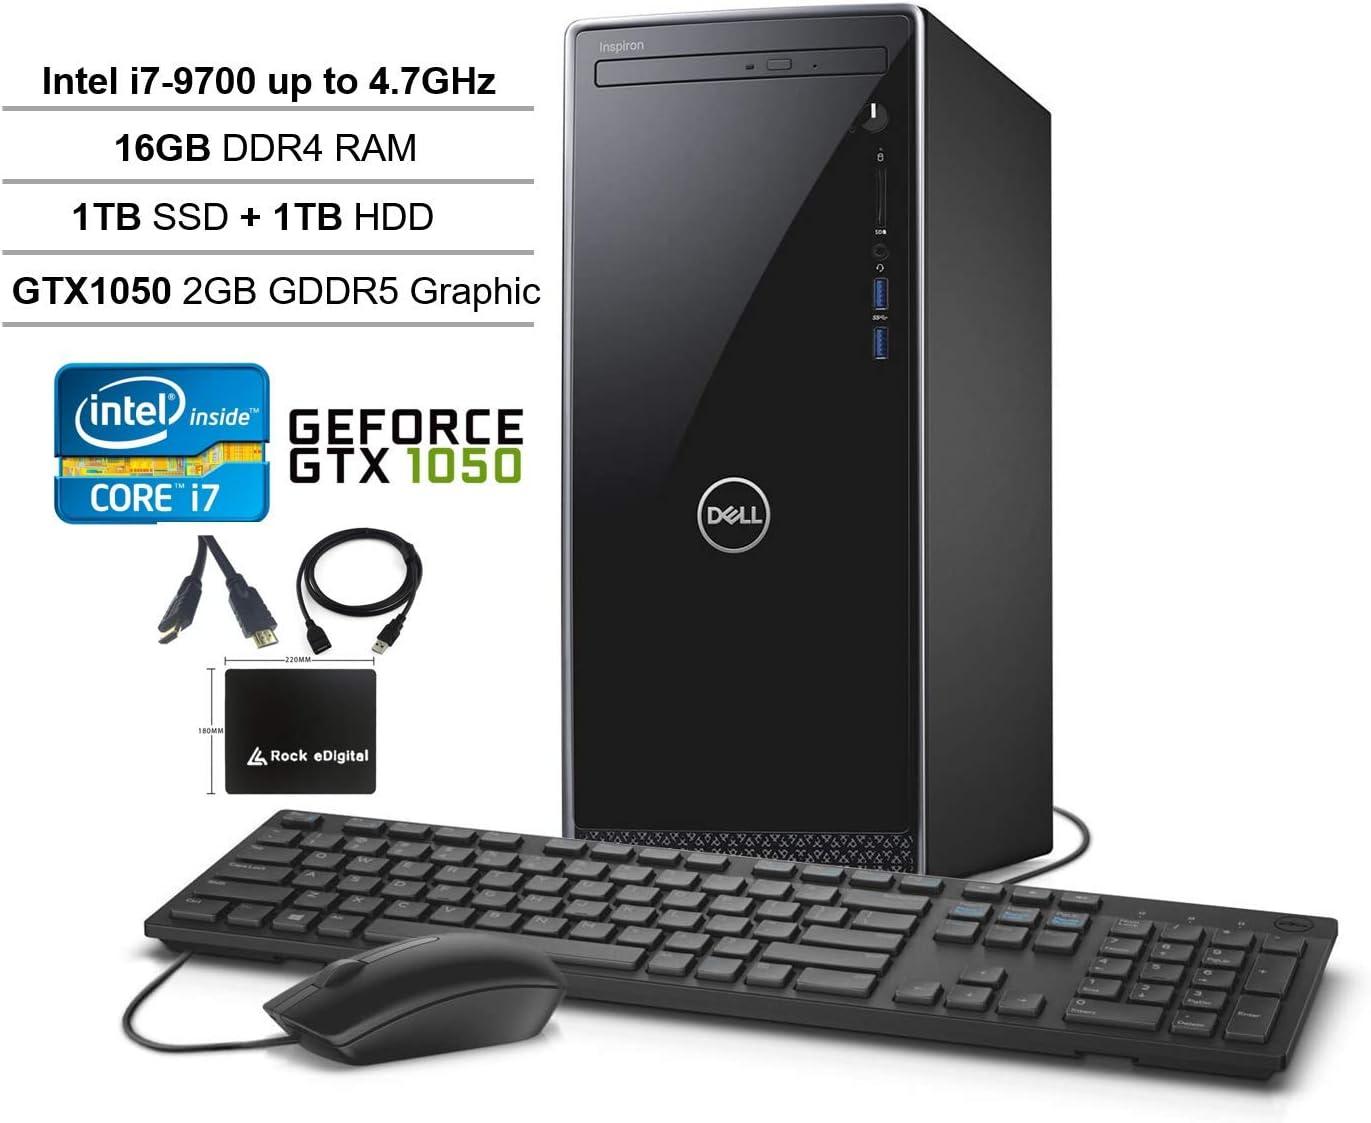 2020 Dell Inspiron Desktop Tower: 9th gen Intel 8-Core i7-9700, 16GB RAM, 1TB SSD + 1TB HDD Dual Drive, NVIDIA GeForce GTX 1050 Graphics, WiFi, Bluetooth, DVDRW, Win 10 w/Rock eDigital Accessories